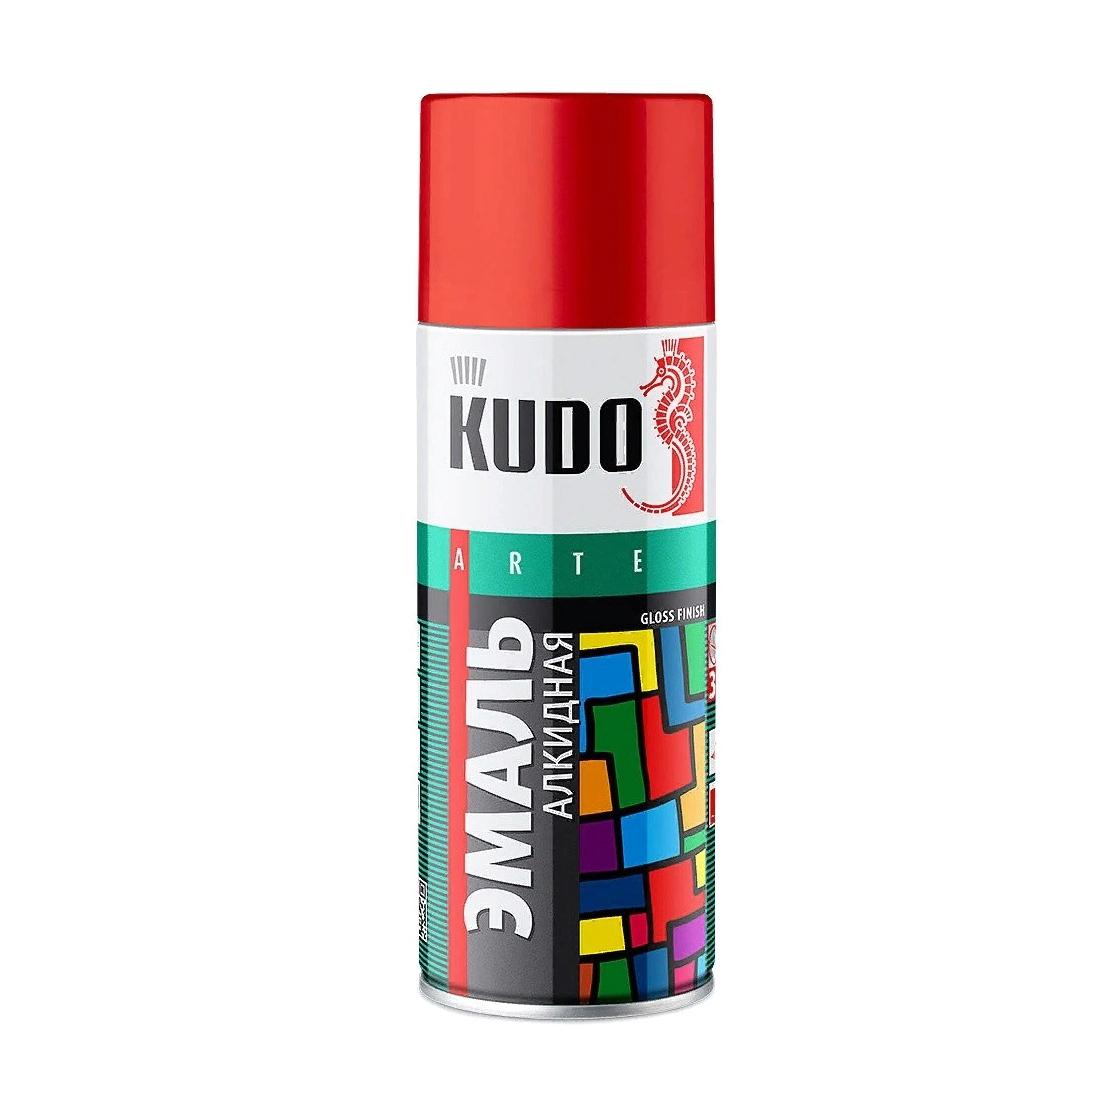 Фото - Эмаль Kudo универсальная какао 520 мл эмаль kudo термостойкая